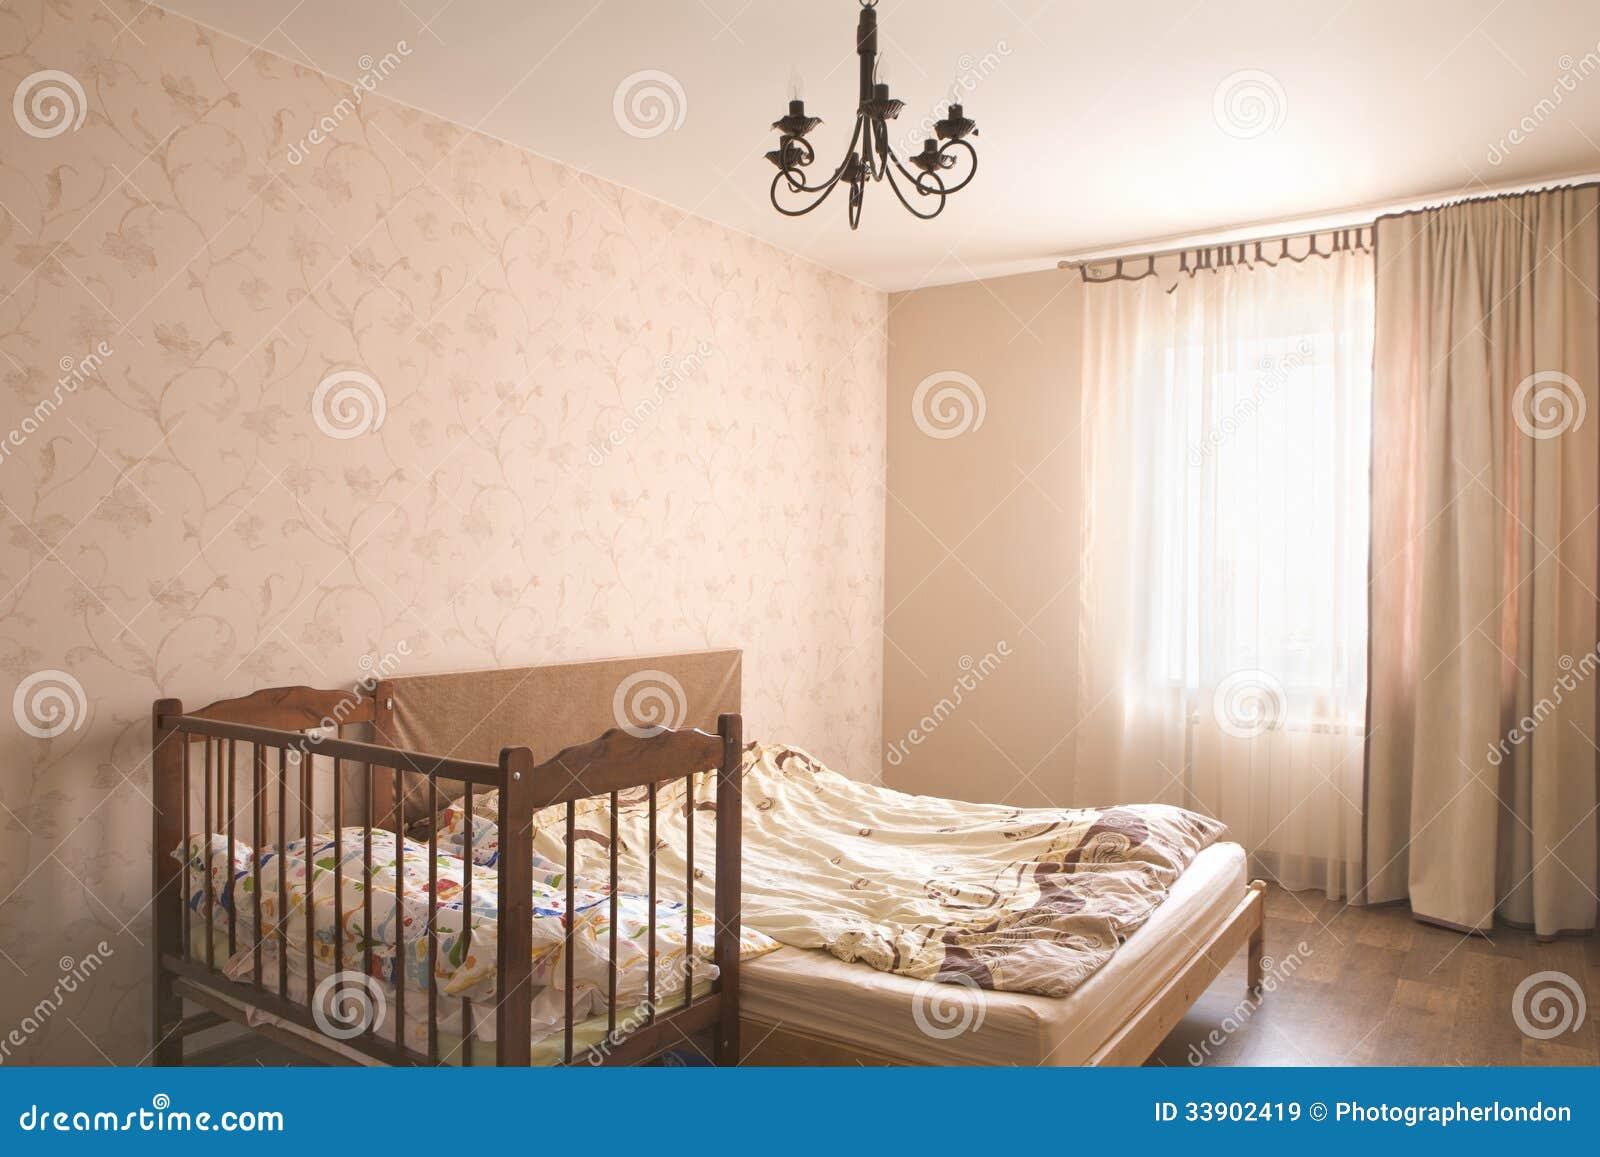 dormitorio vac o con el pesebre im genes de archivo libres